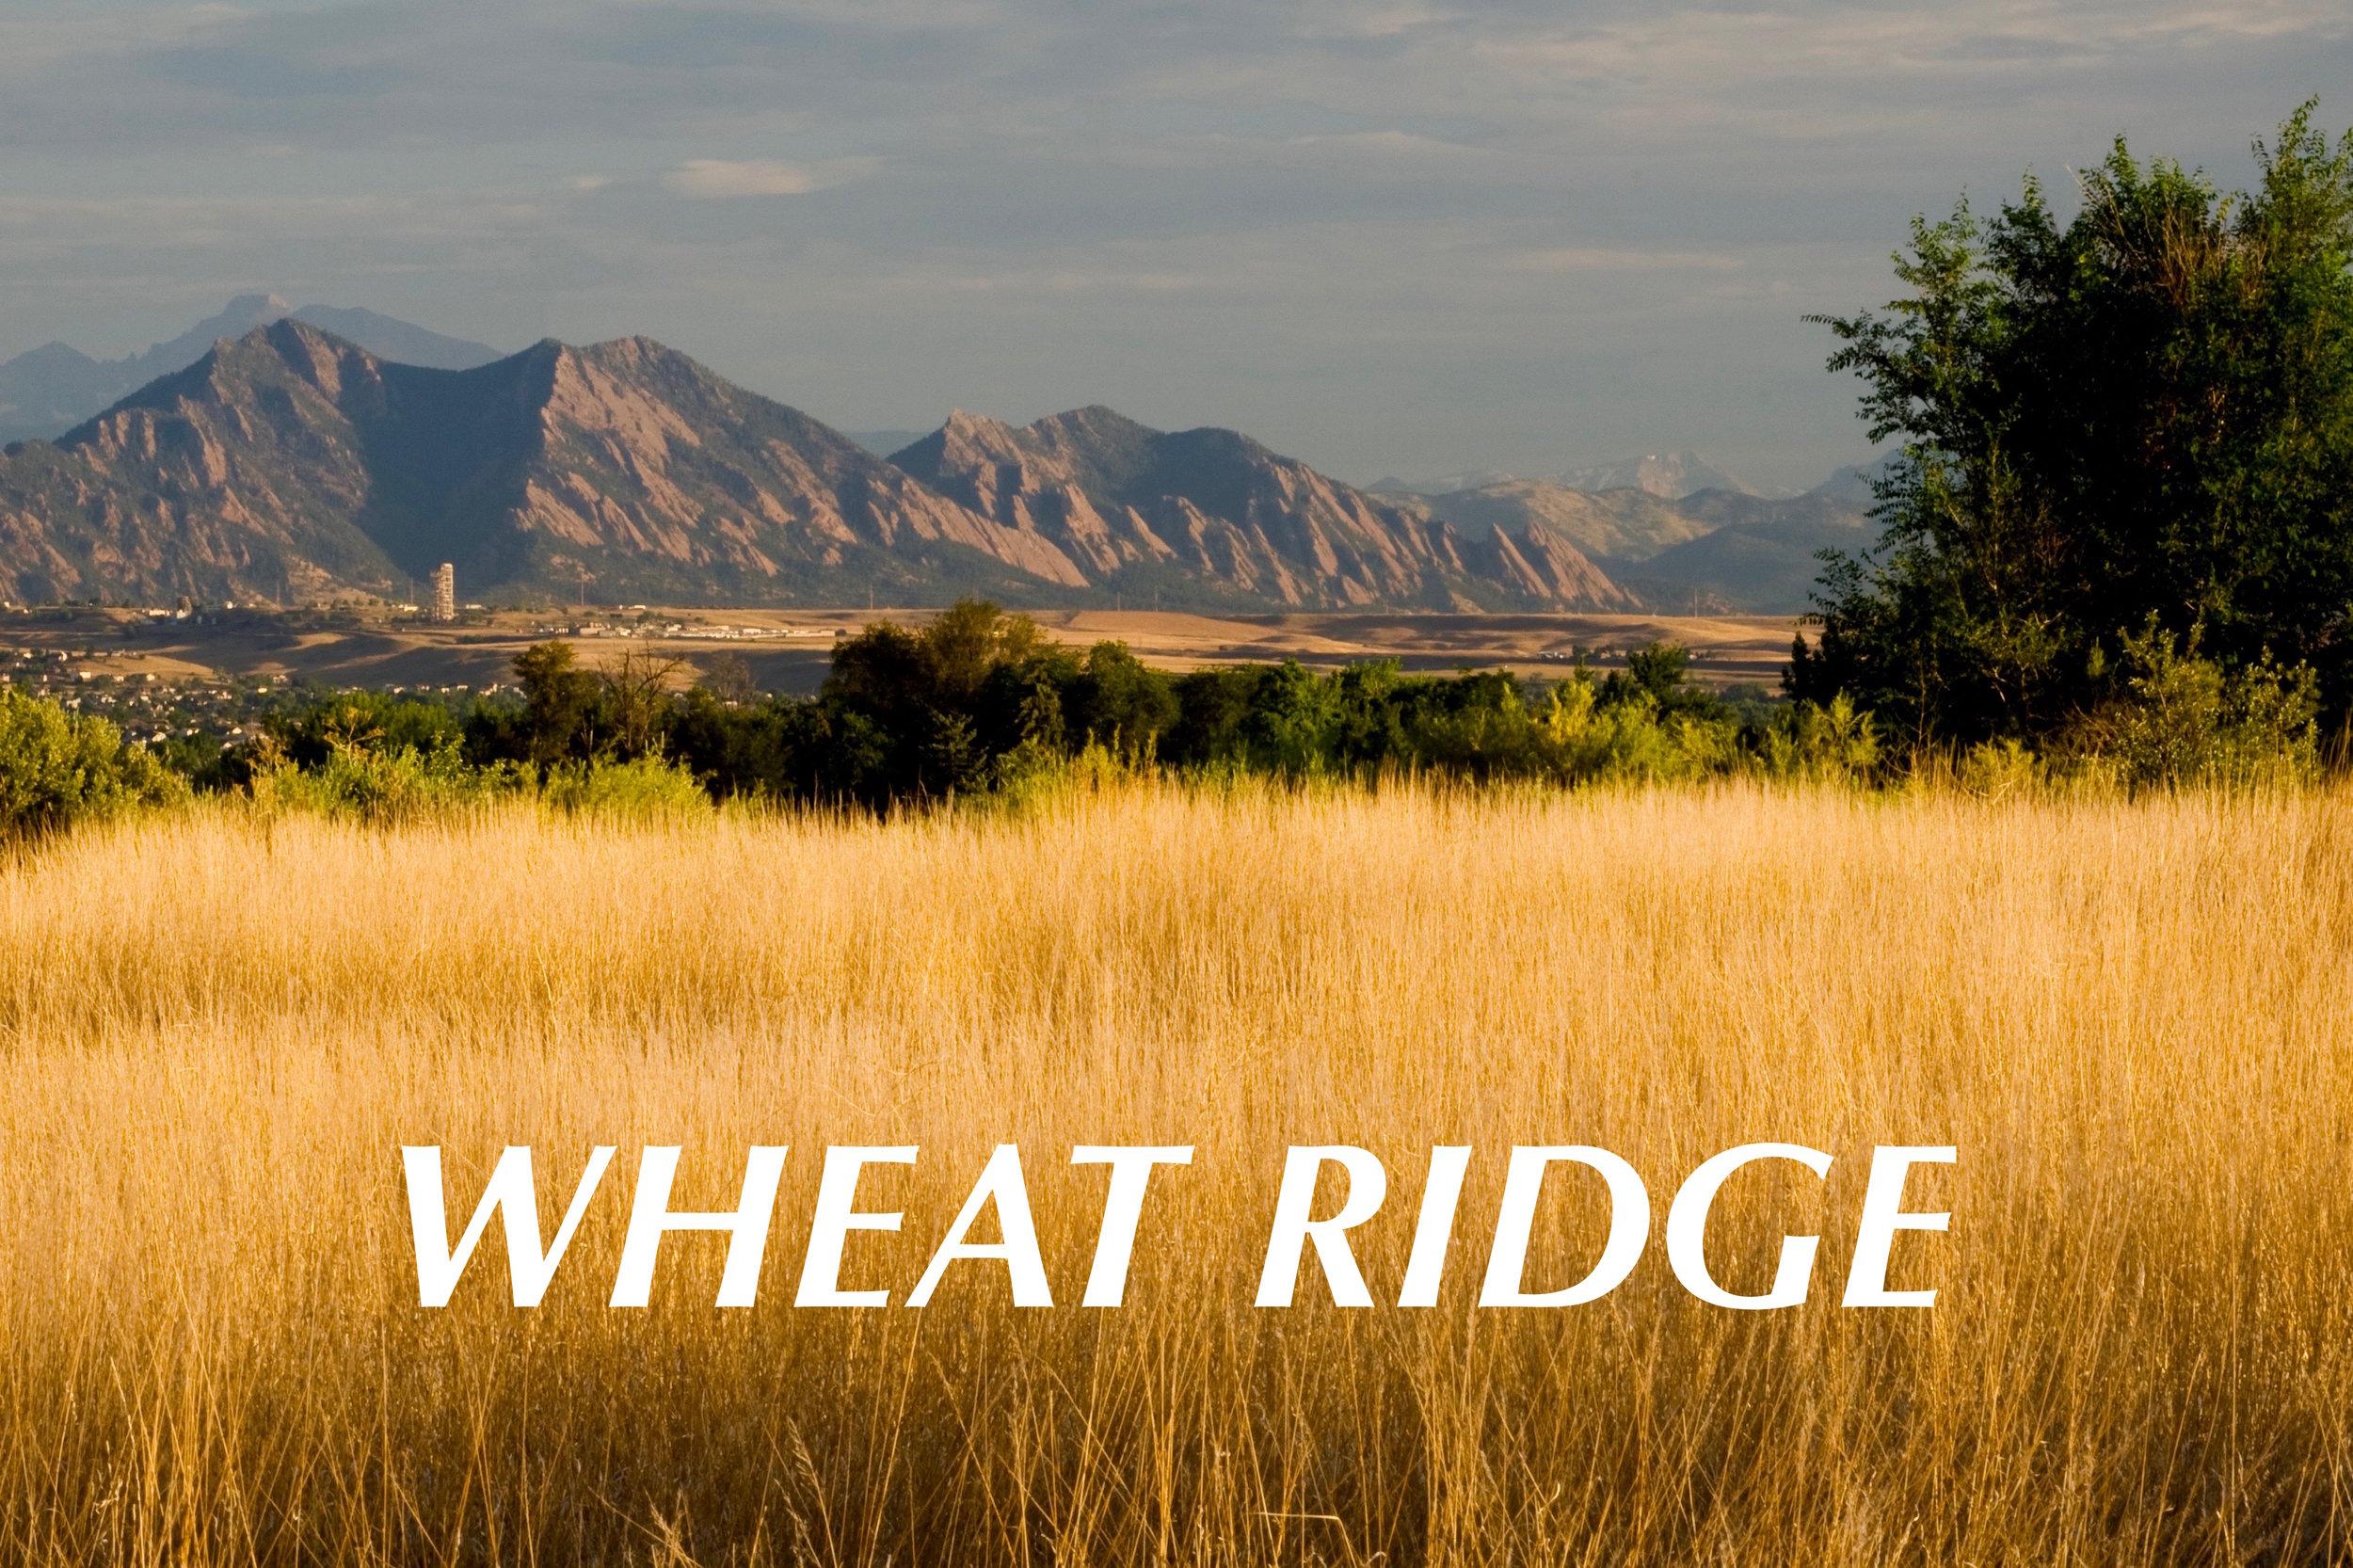 Wheat Ridge Duplex - Just Listed